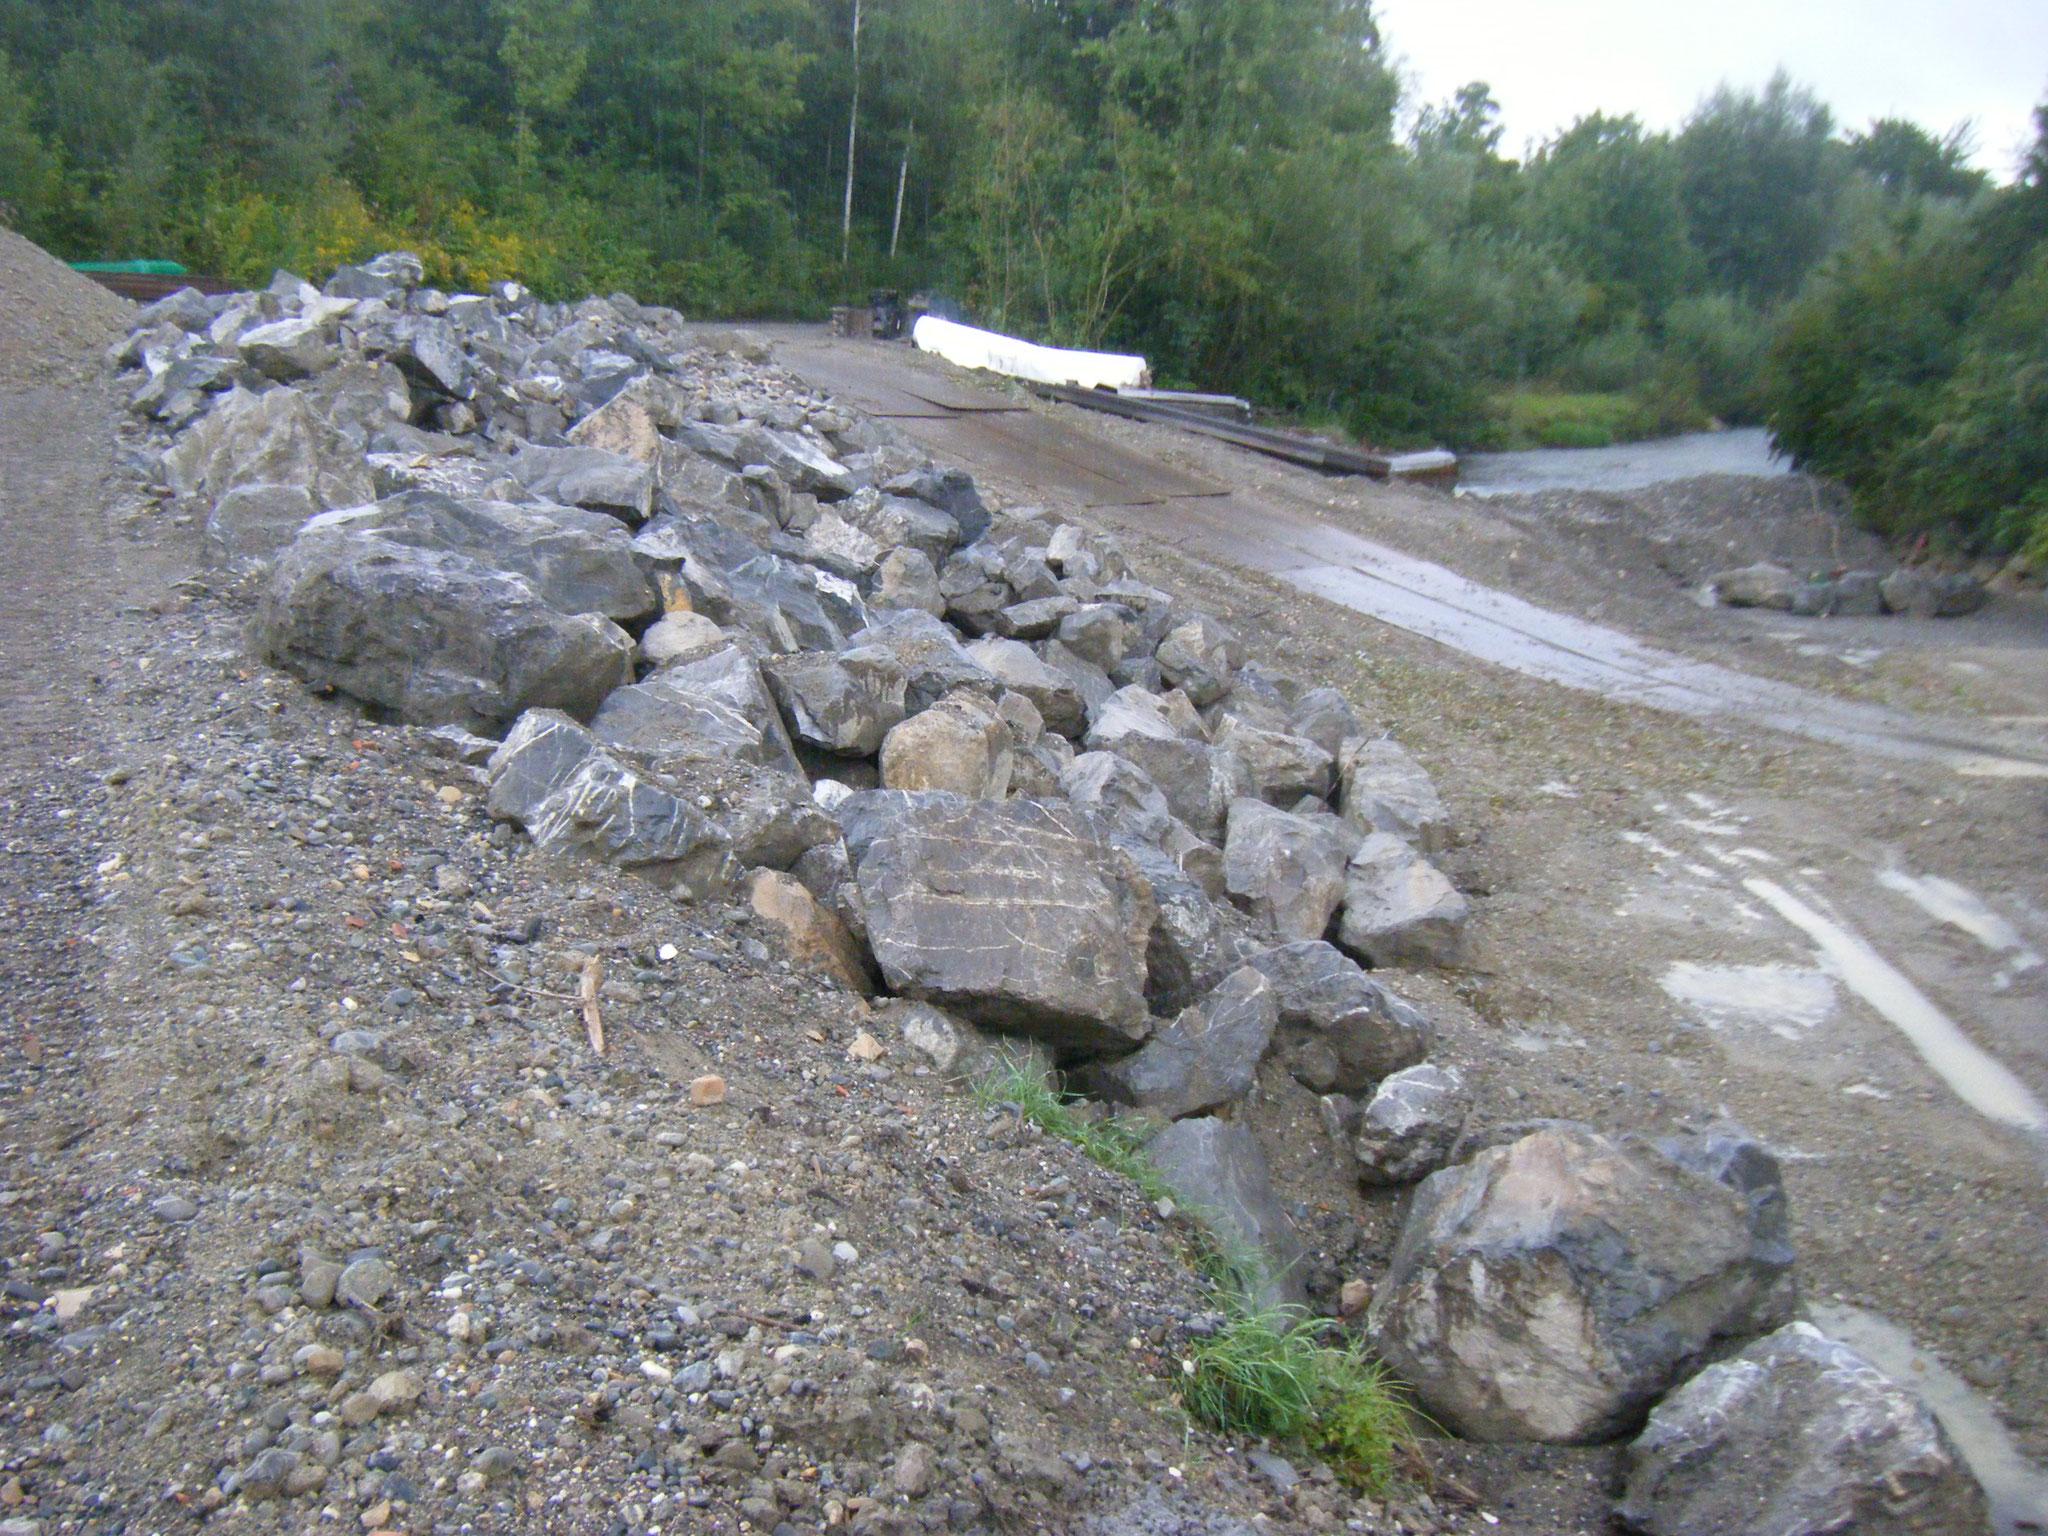 Der Osthang ist mit großen Steinen geischert, das Flussbett hat eine Zufahrt für die Bagger